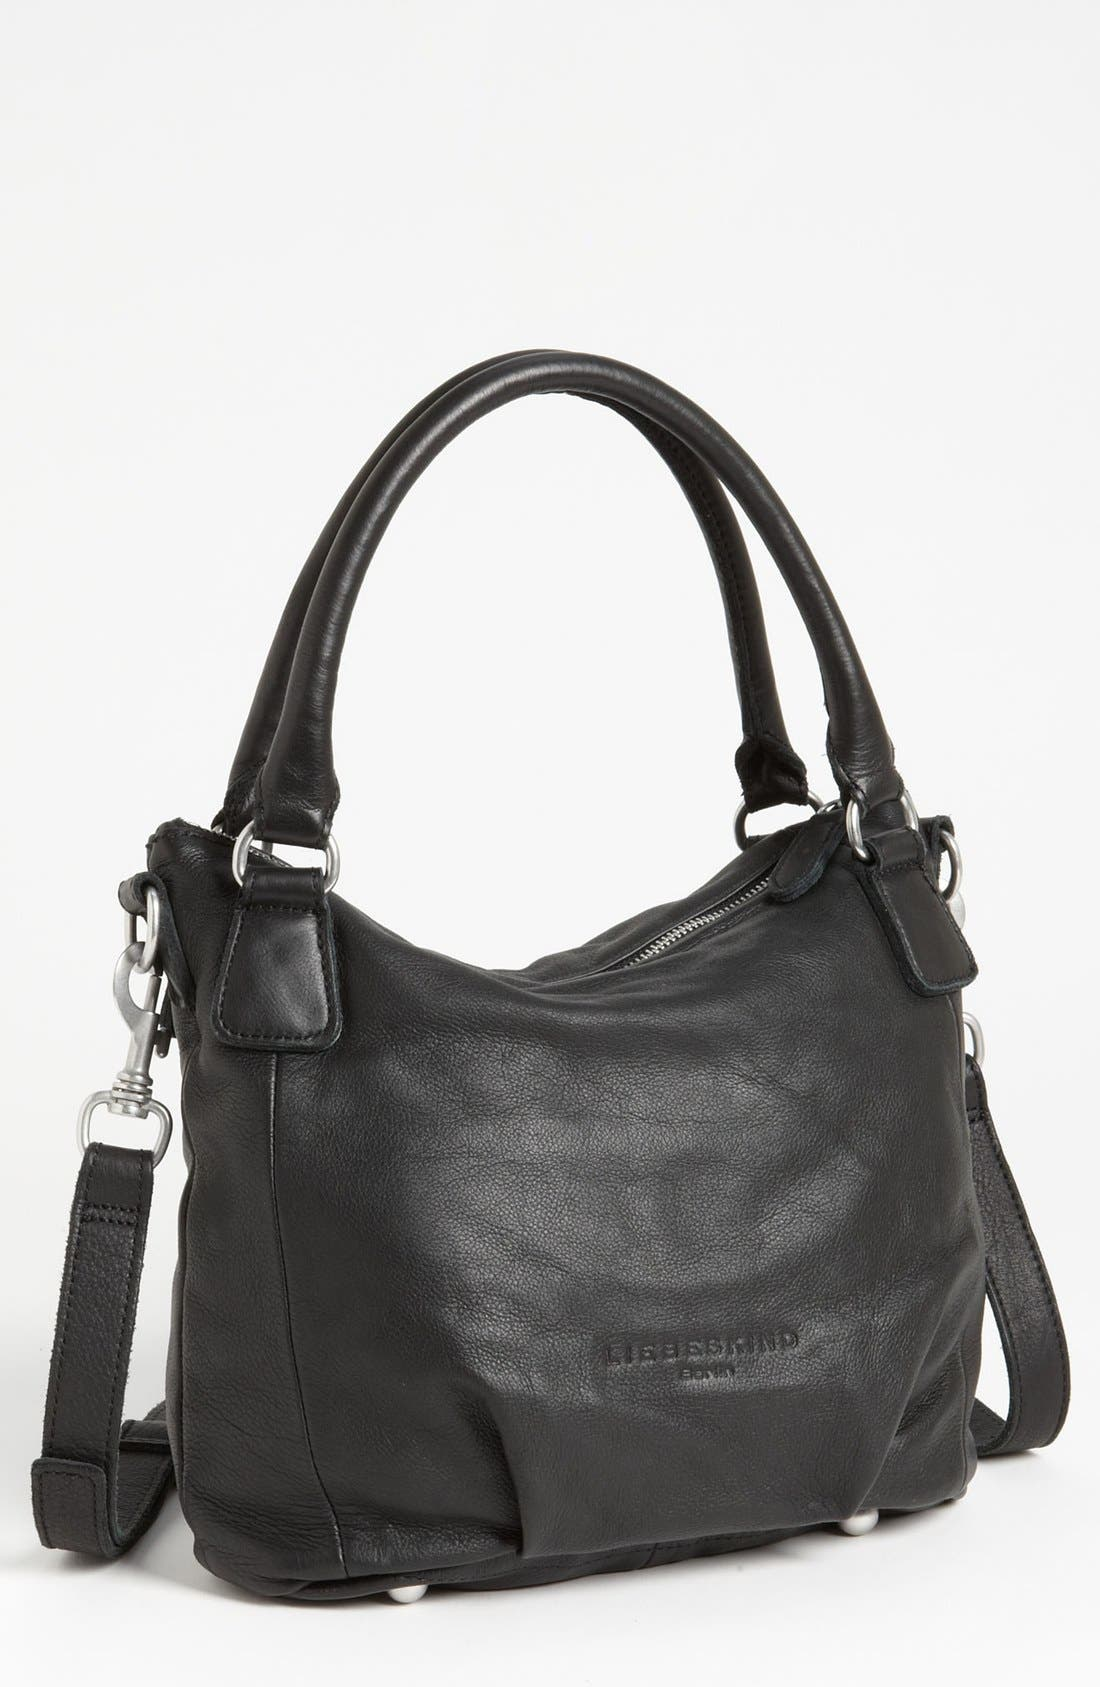 Main Image - Liebeskind 'Gina' Shoulder Bag